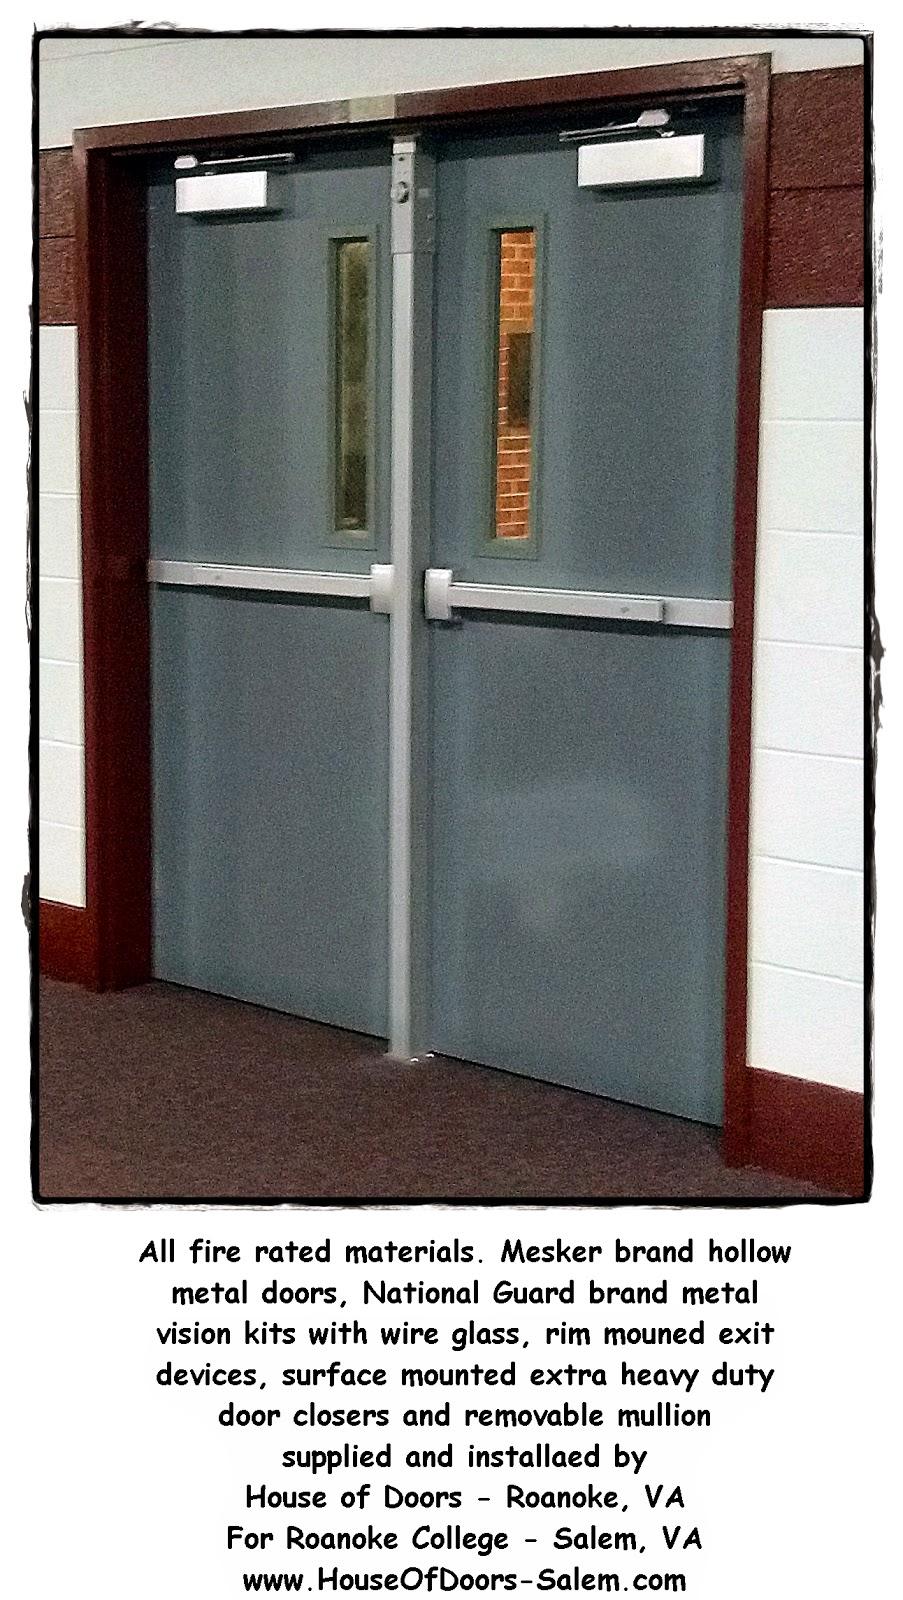 Door lite kits for commercial door - Mesker Door Lite Kits House Of Doors Roanoke Va Fire Rated Hollow Metal Doors And